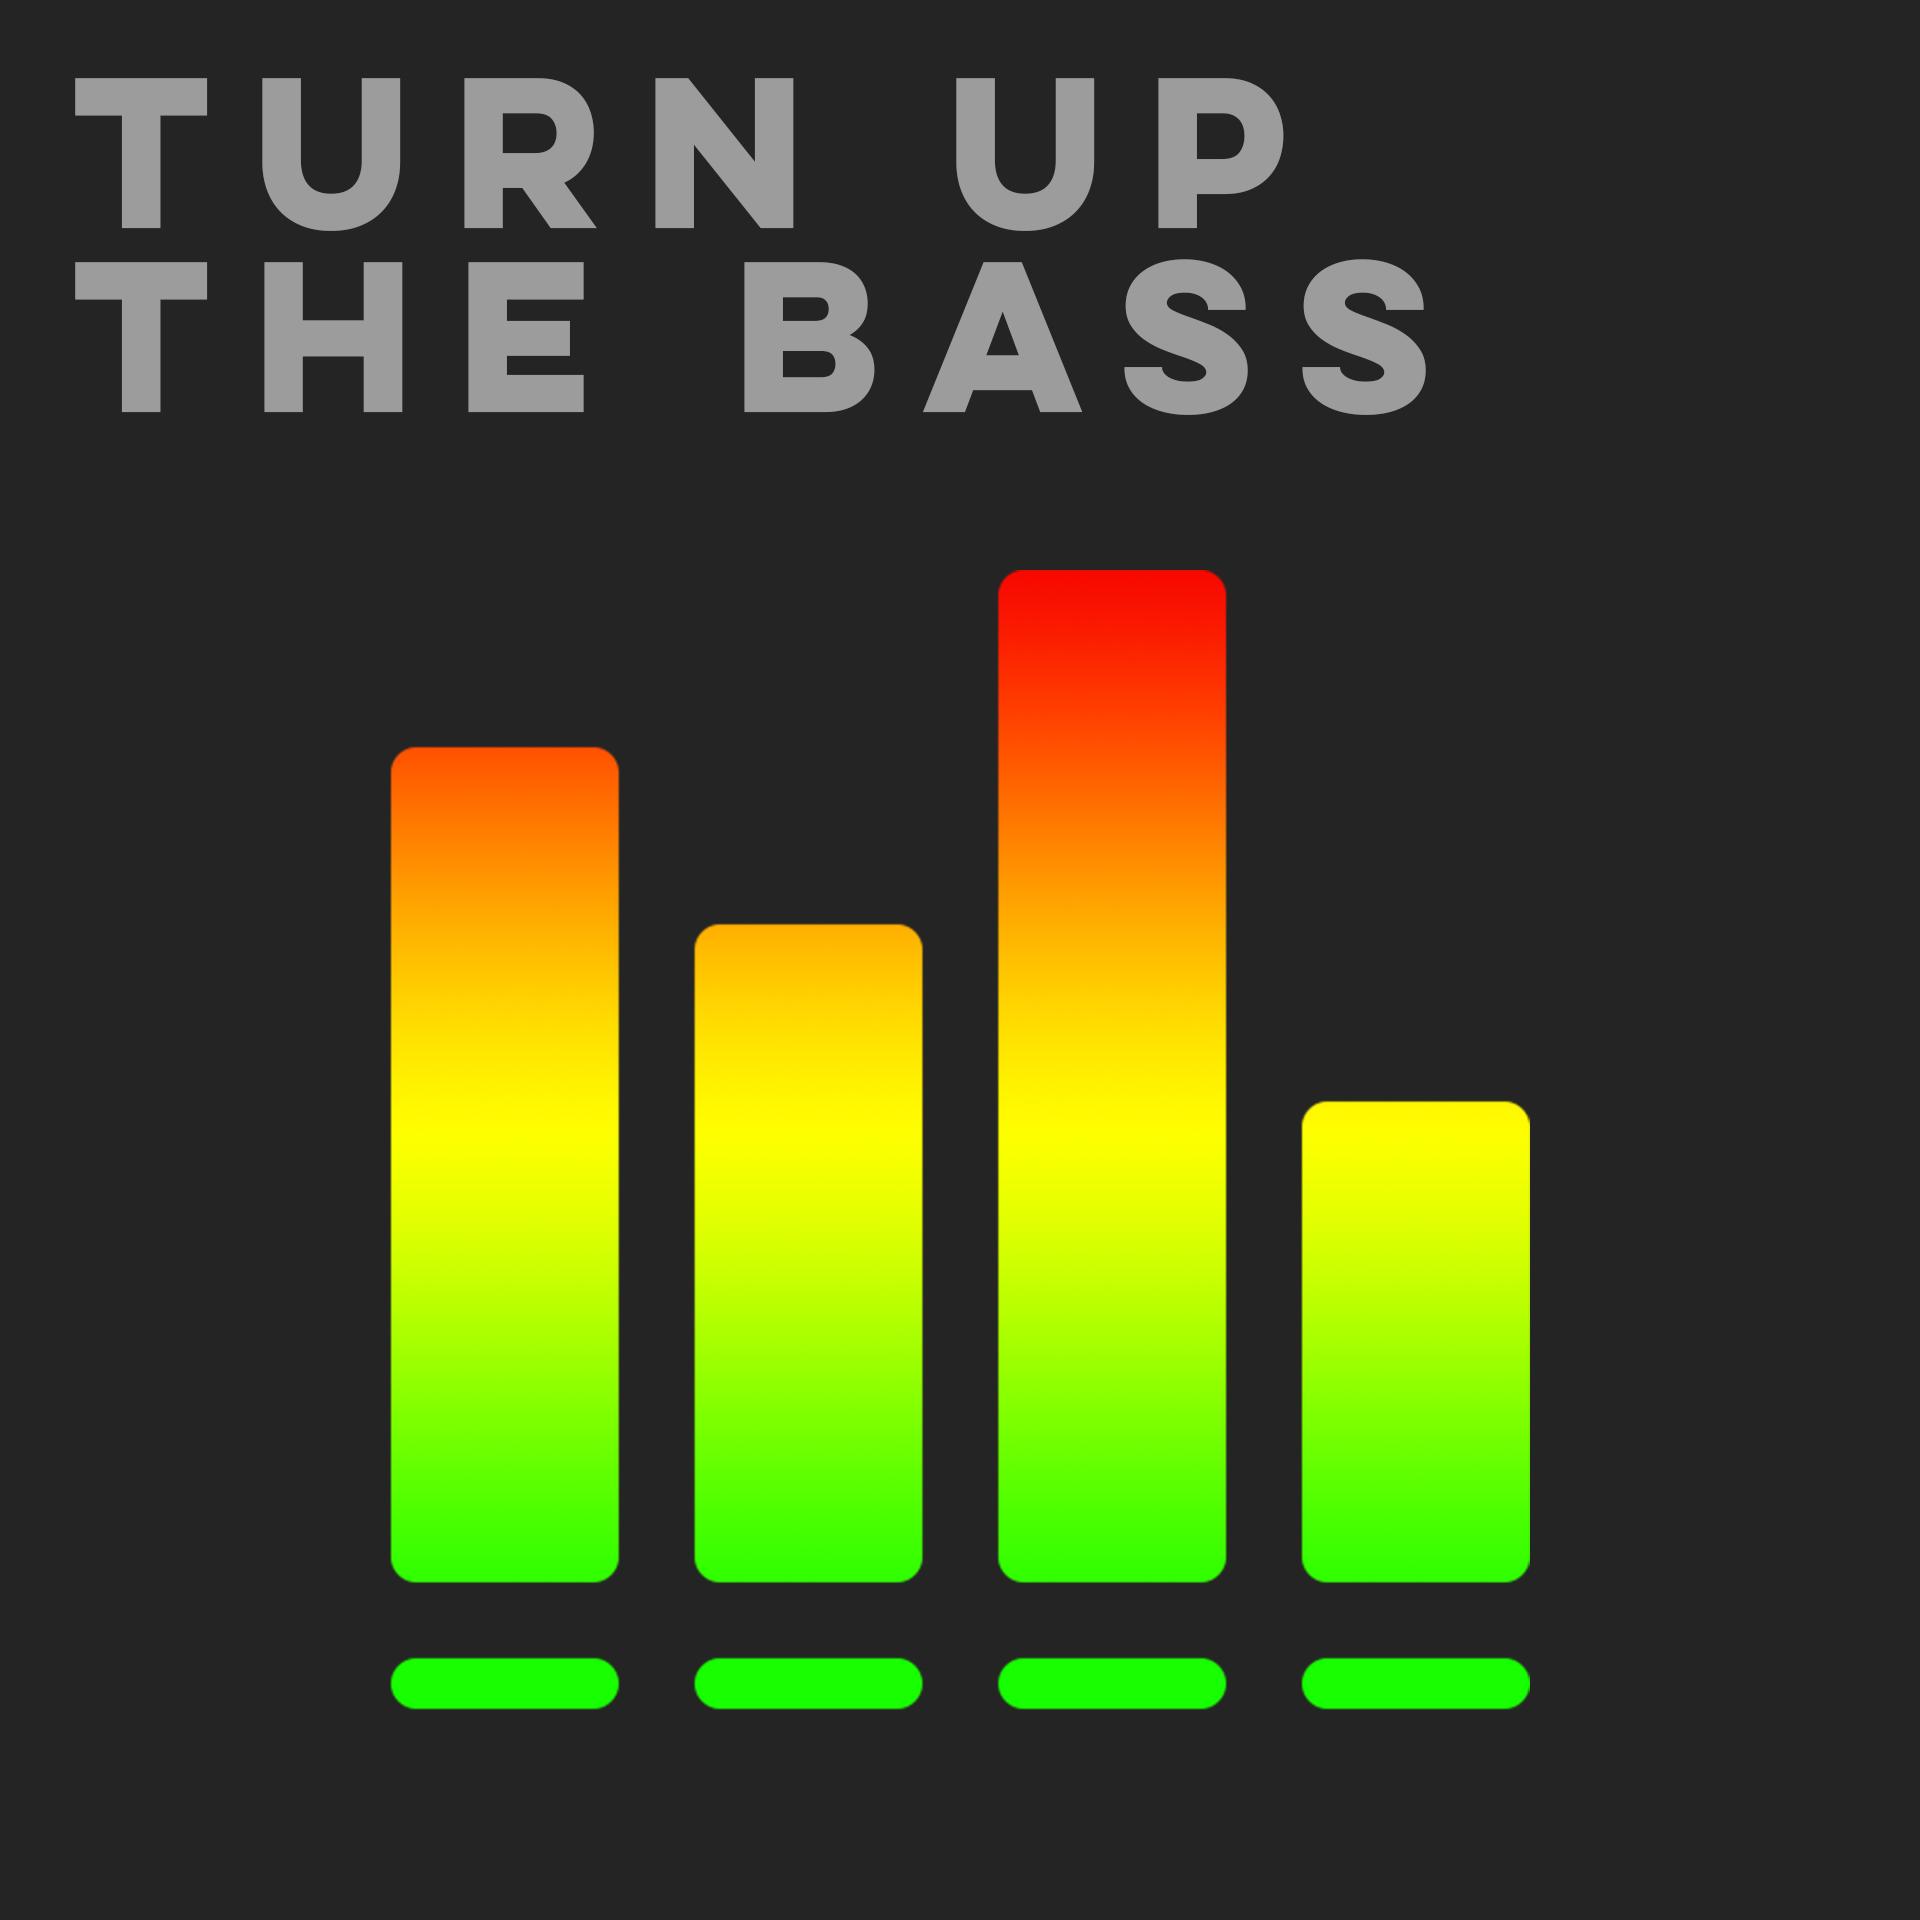 Turn Up The Bass art.jpg